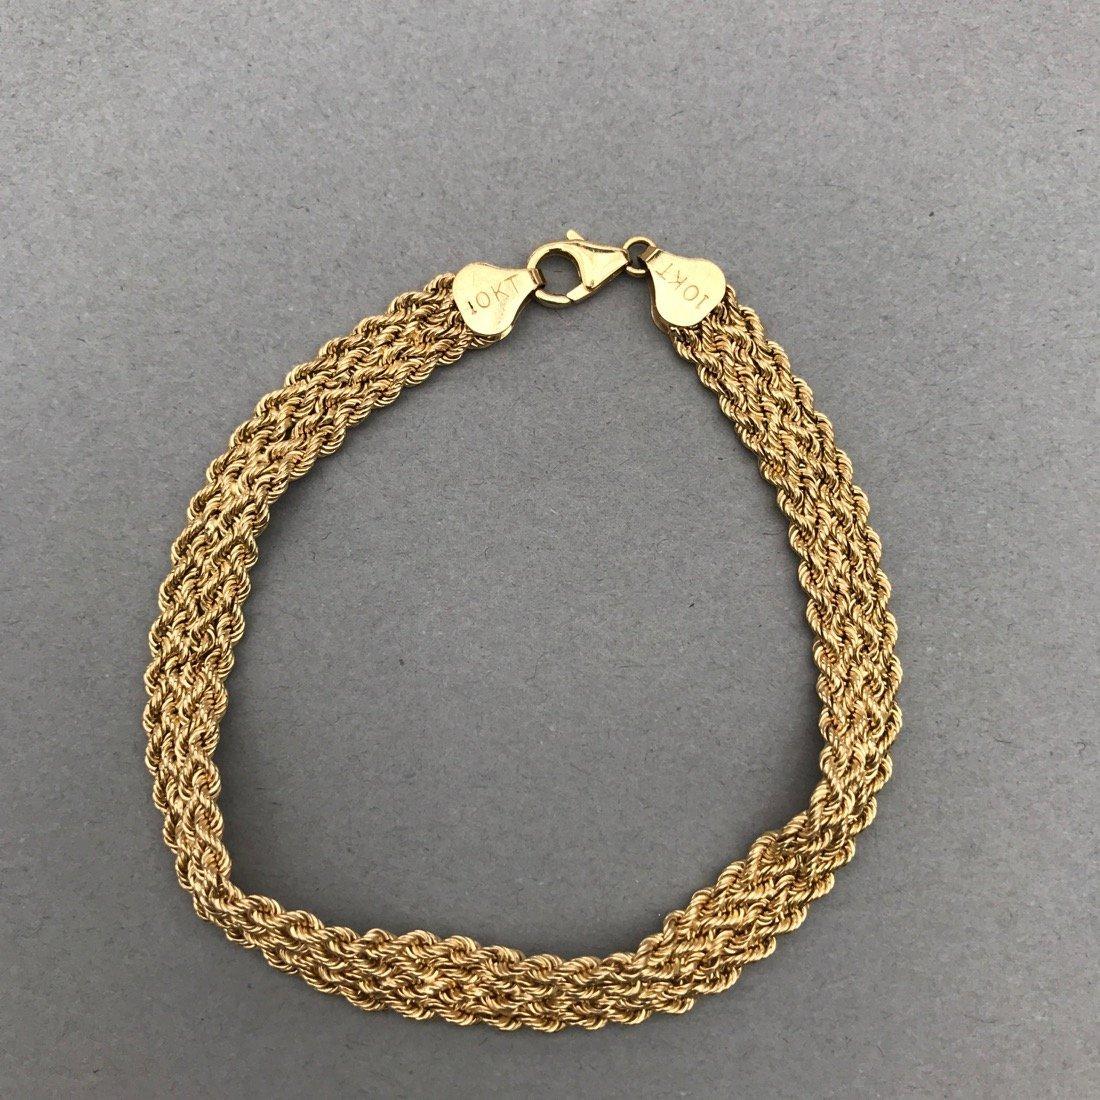 3 10K Gold Bracelets - 2